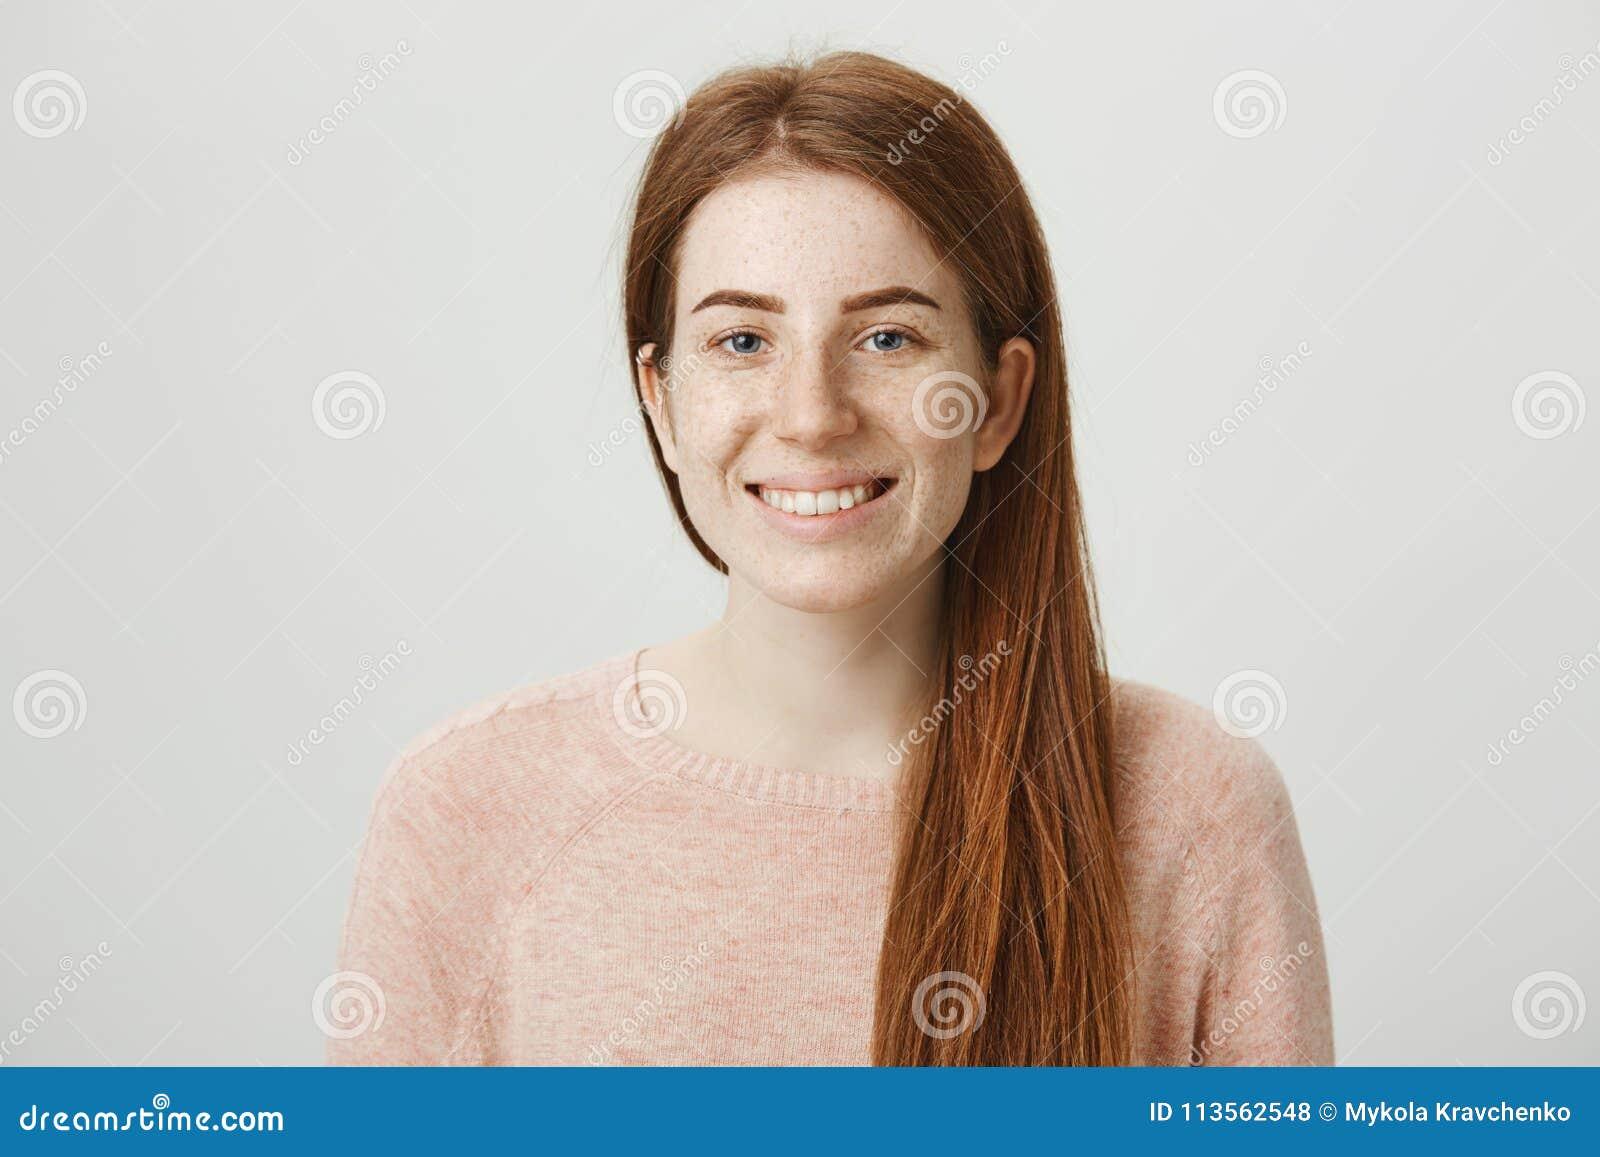 Zakończenie portret powabna europejska imbirowa dziewczyna ono uśmiecha się szeroko i wyraża pozytywne emocje podczas gdy być